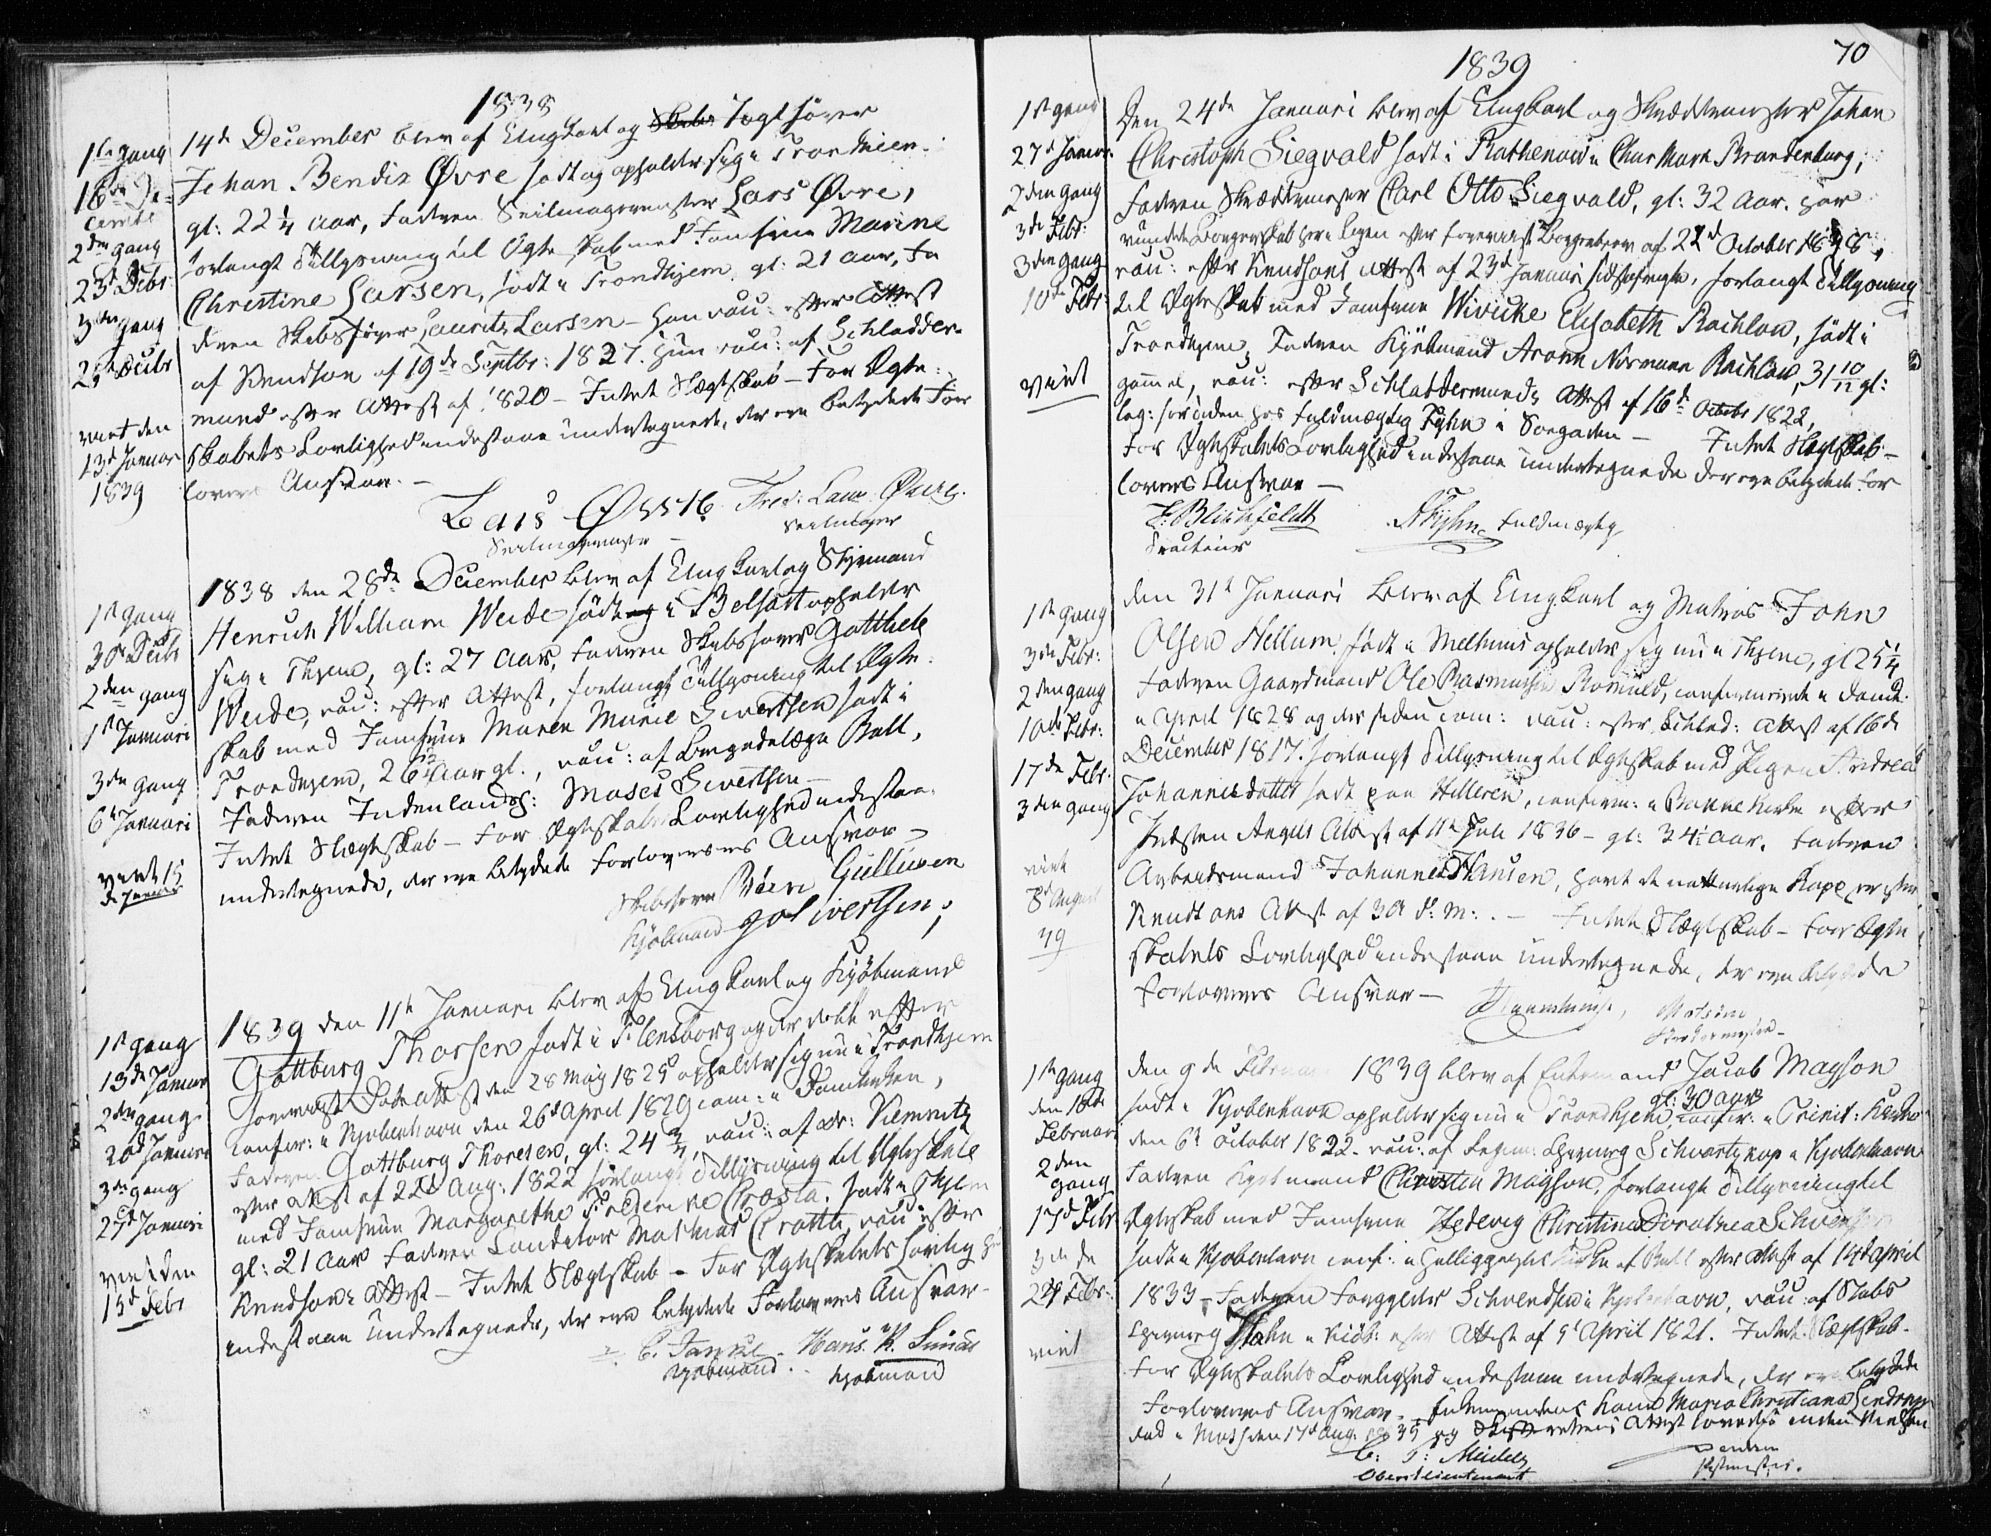 SAT, Ministerialprotokoller, klokkerbøker og fødselsregistre - Sør-Trøndelag, 601/L0046: Ministerialbok nr. 601A14, 1830-1841, s. 70